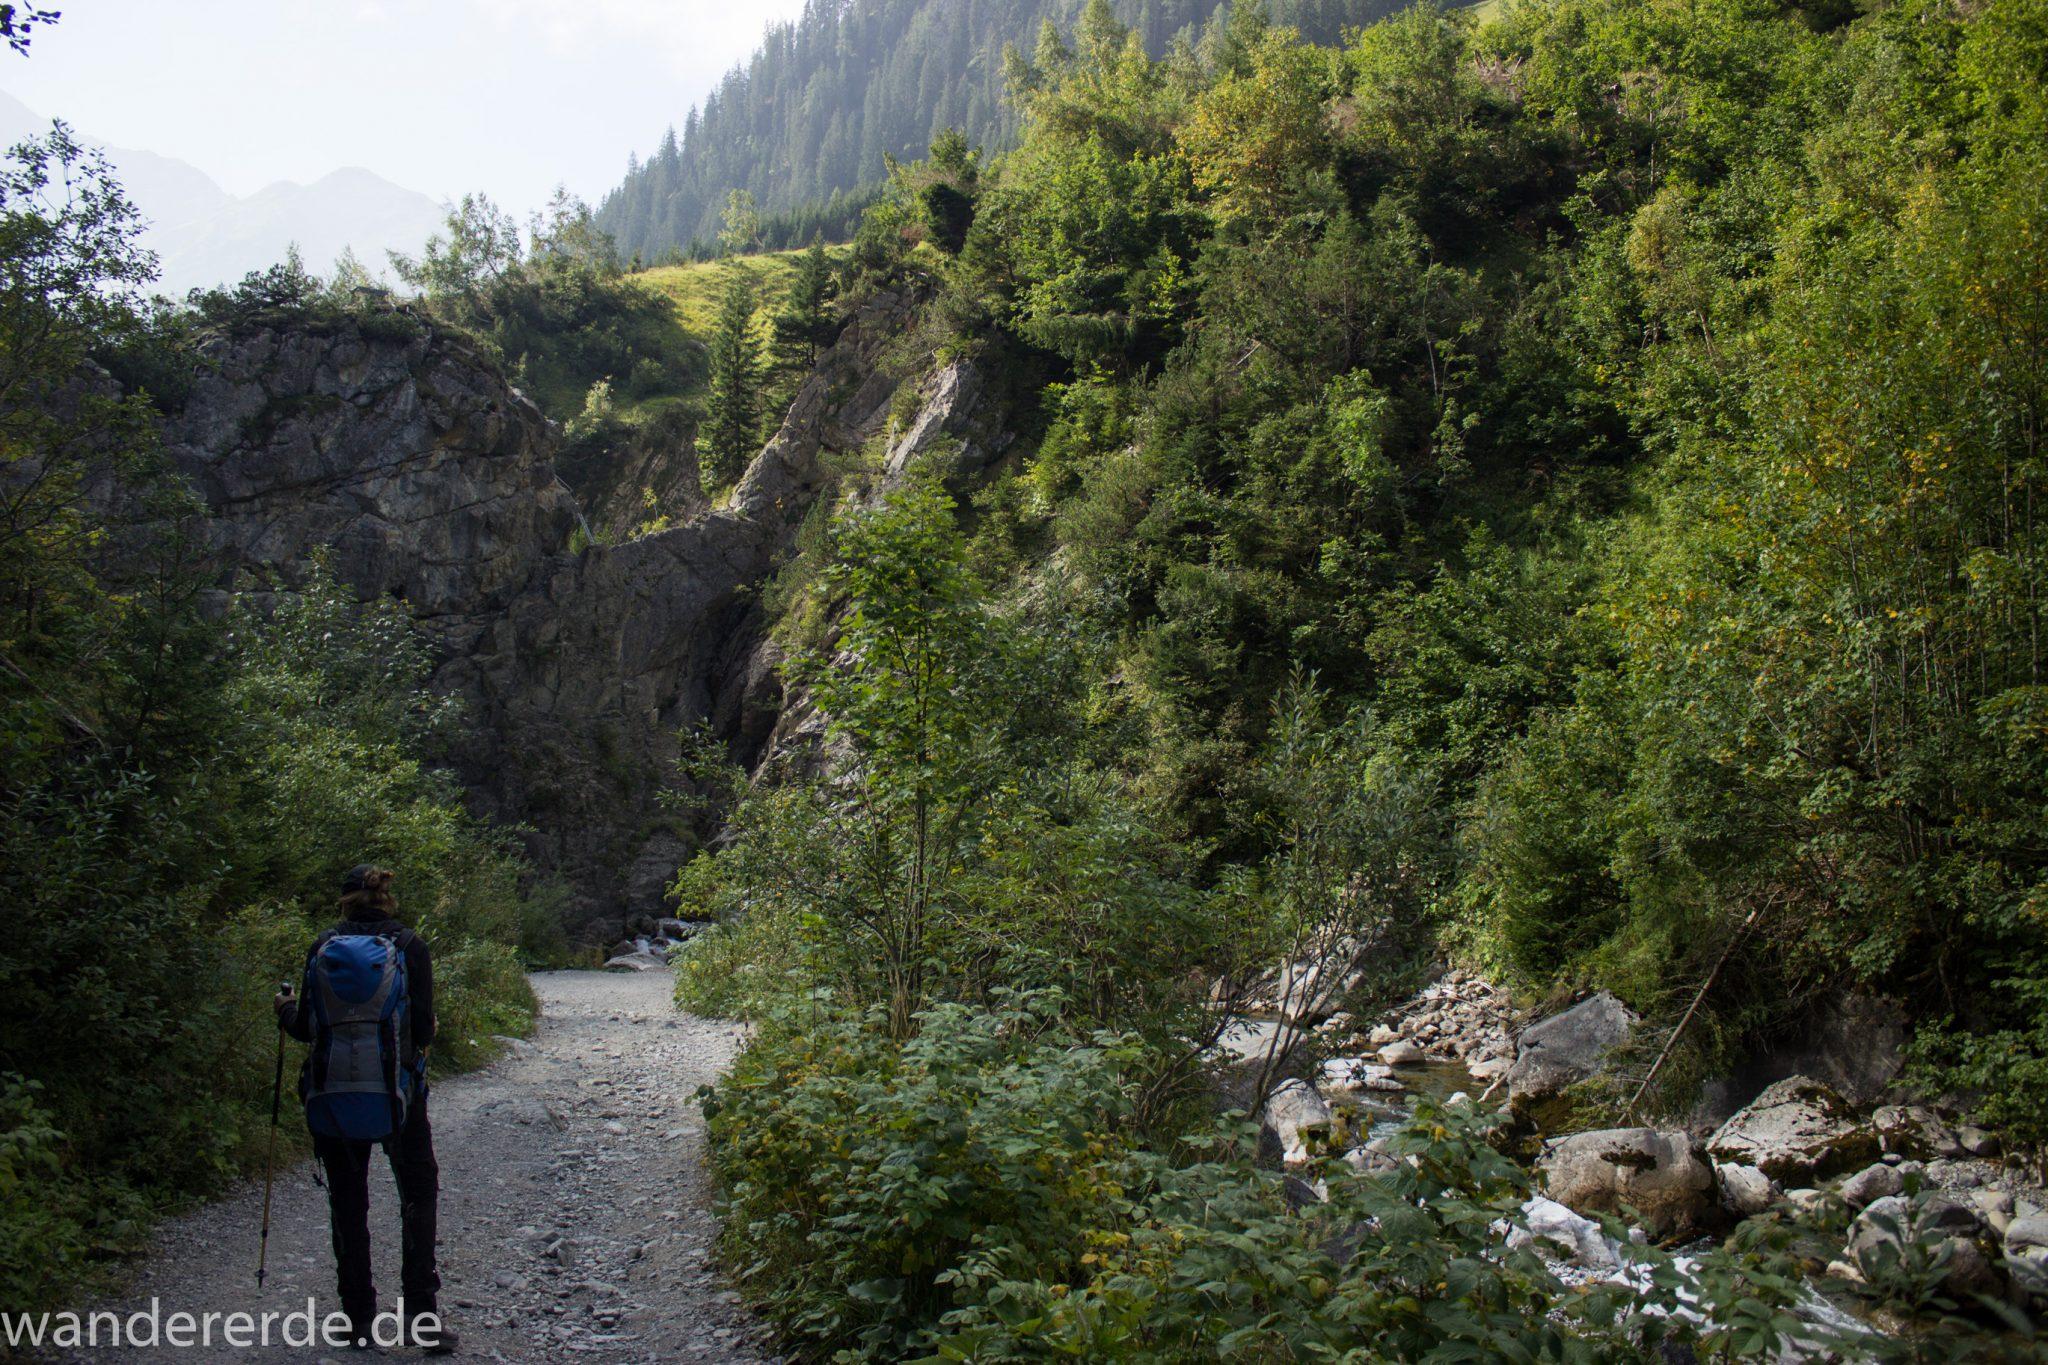 Alpenüberquerung Fernwanderweg E5 Oberstdorf Meran, 2. Etappe von Kemptner Hütte zur Memminger Hütte, Wanderer unterwegs auf schönem und abwechslungsreichem Wanderweg, Wanderpfad führt absteigend über die Obere und Untere Rossgumpenalpe in das sehr schöne Höhenbachtal mit beeindruckender Landschaft, grüne Vegetation mit Bäumen und Wiesen, idyllischer Rossgumpenbach fließt durch wolkenverhangenes Tal